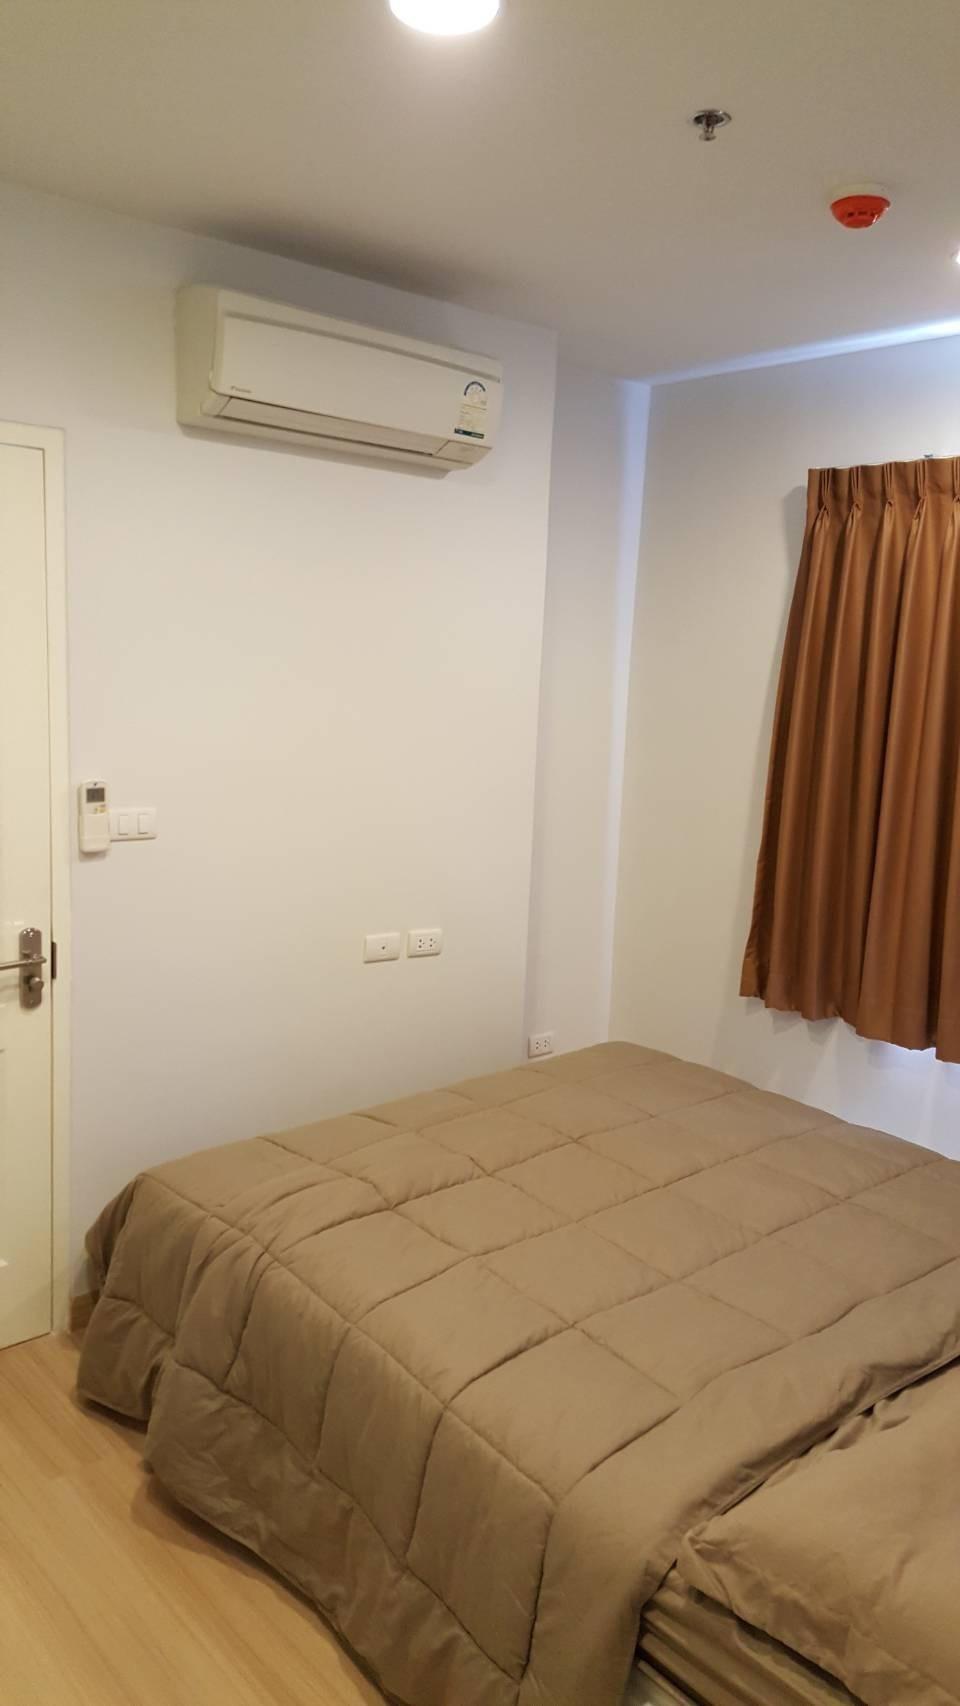 รูปของประกาศเช่าคอนโดแบงค์คอก ฮอไรซอน รัชดา – ท่าพระ(1 ห้องนอน)(2)